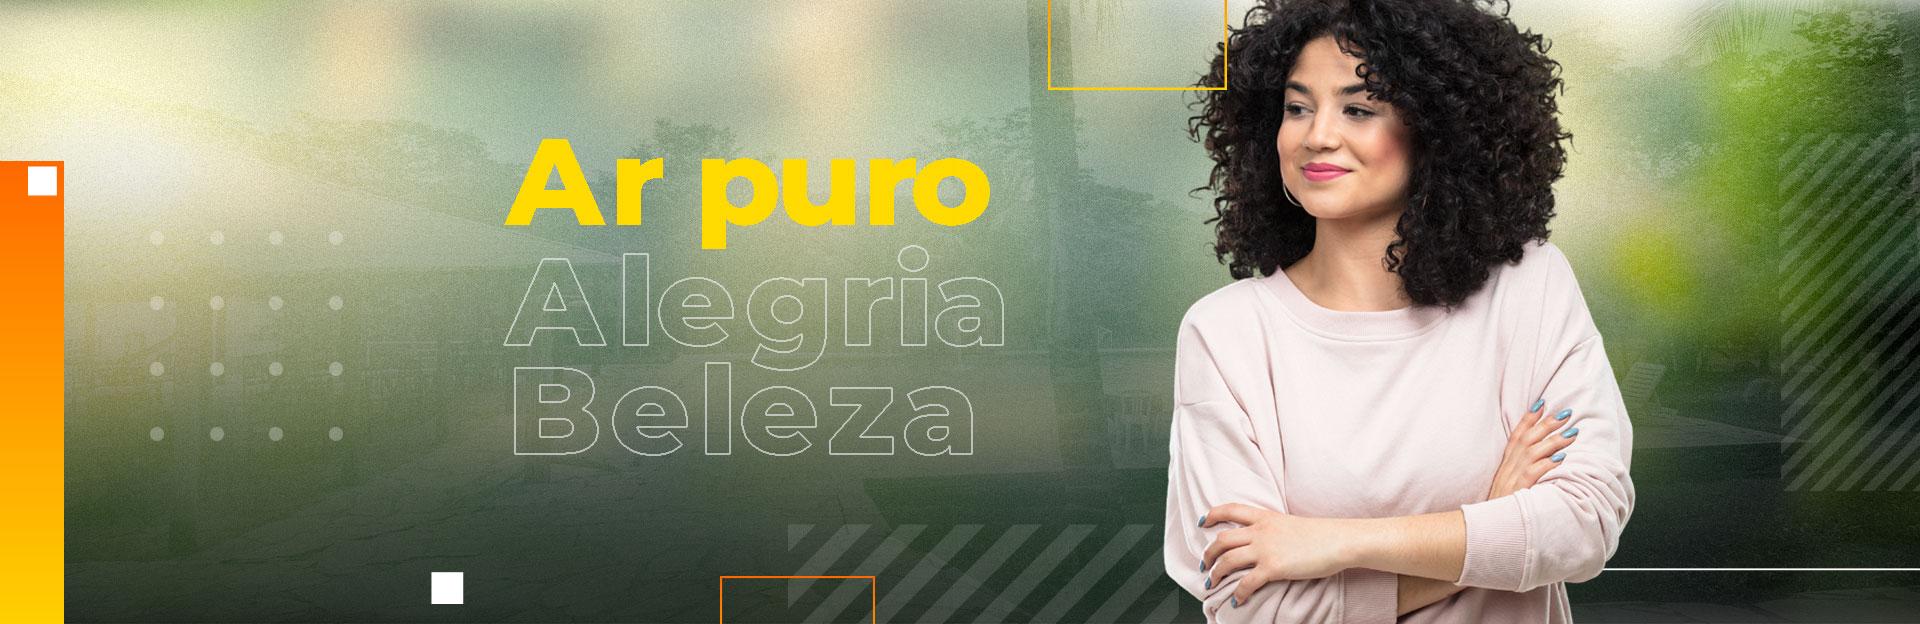 site-serra-da-irara-out-2020